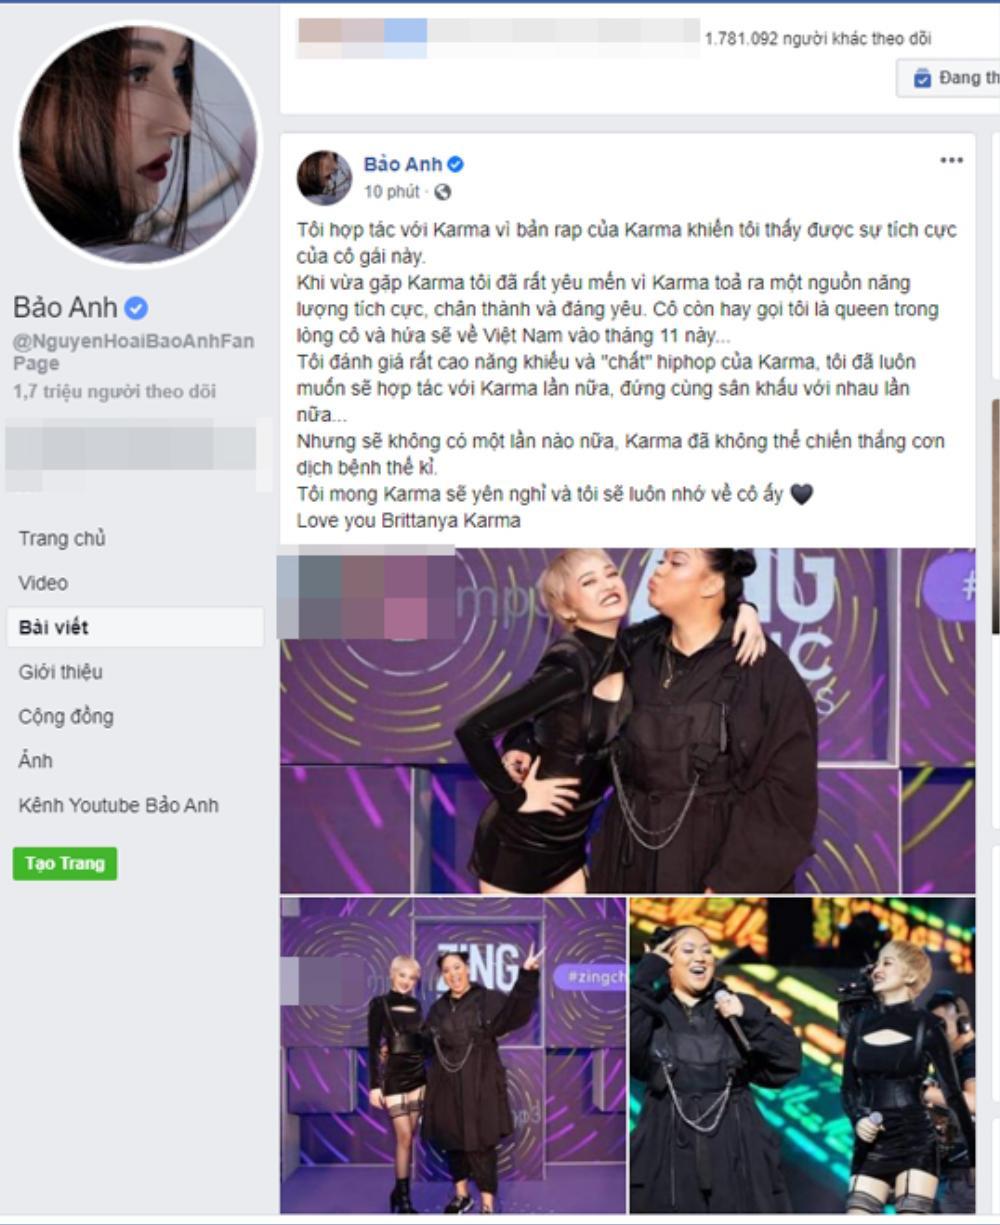 Dân mạng sốc và đau xót trước tin hot YouTuber Brittanya Karma qua đời vì COVID-19 Ảnh 3